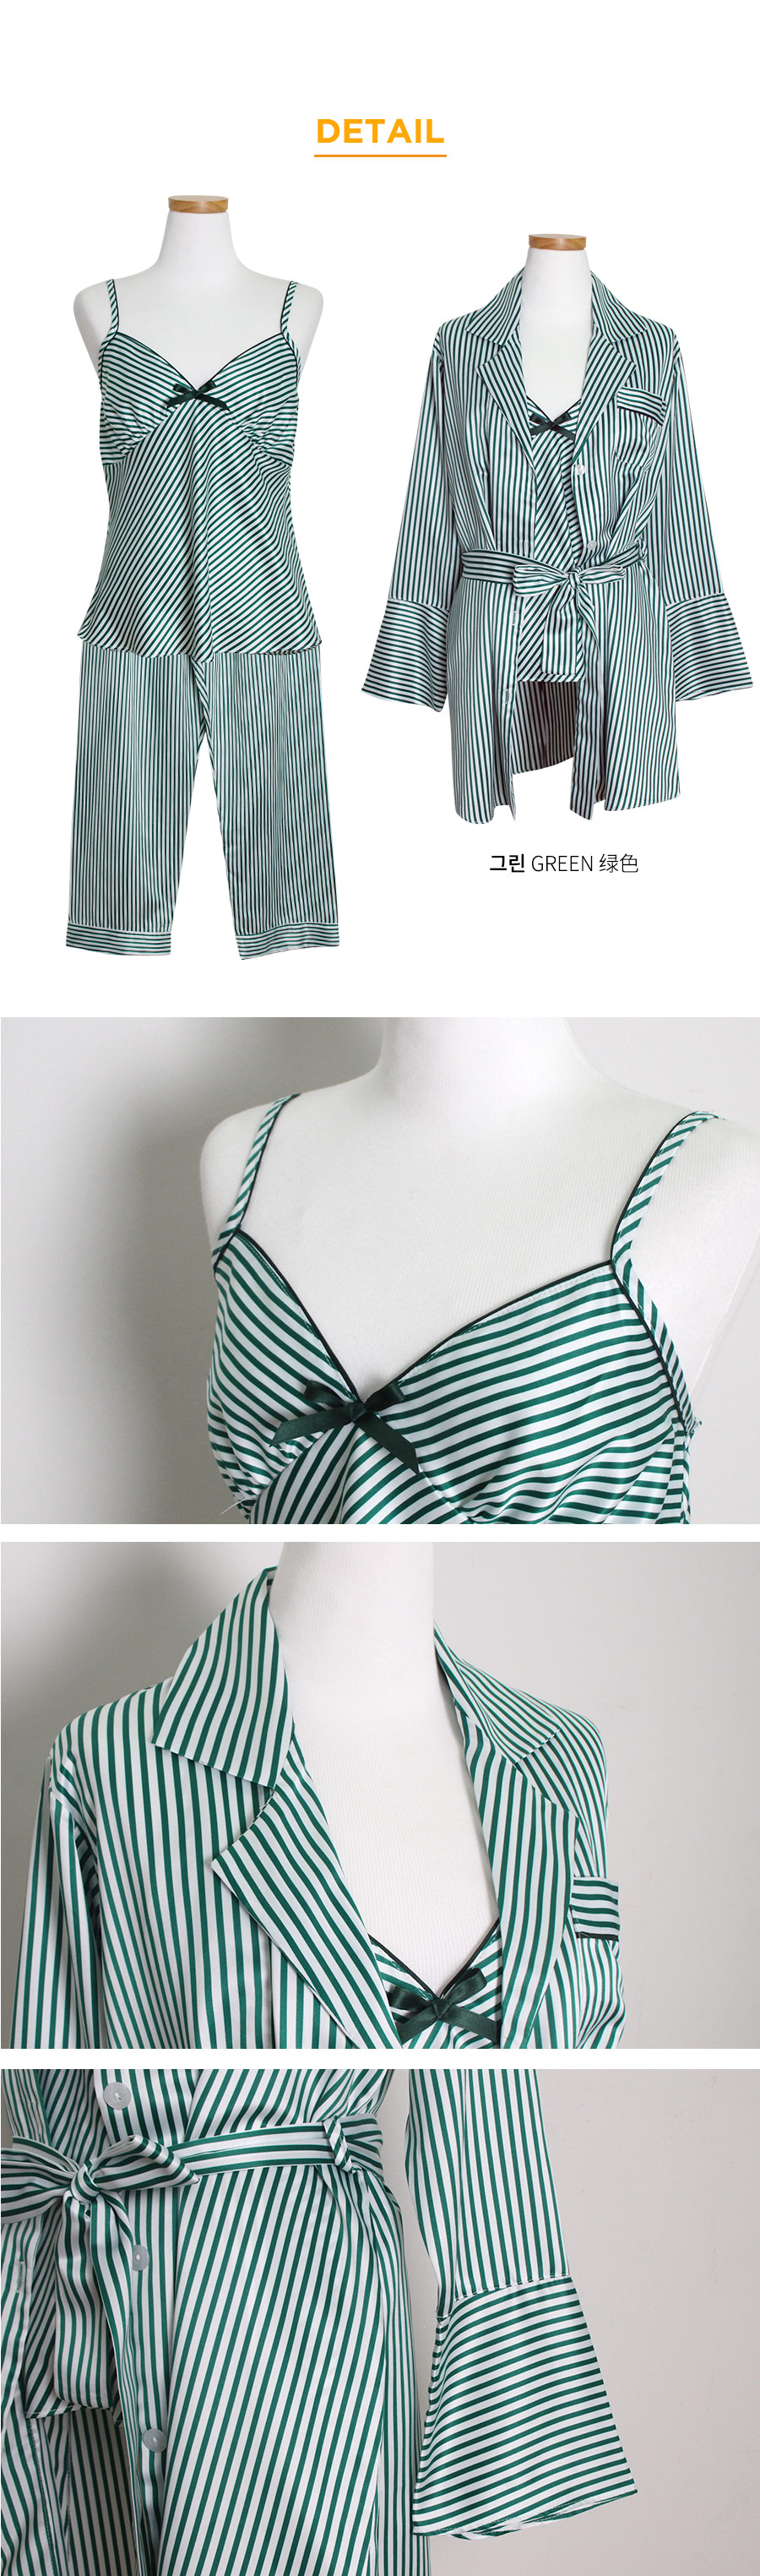 스트라이프 샤무즈 3피스 9부 커플잠옷WM118 - 쿠비카, 167,000원, 잠옷, 커플파자마